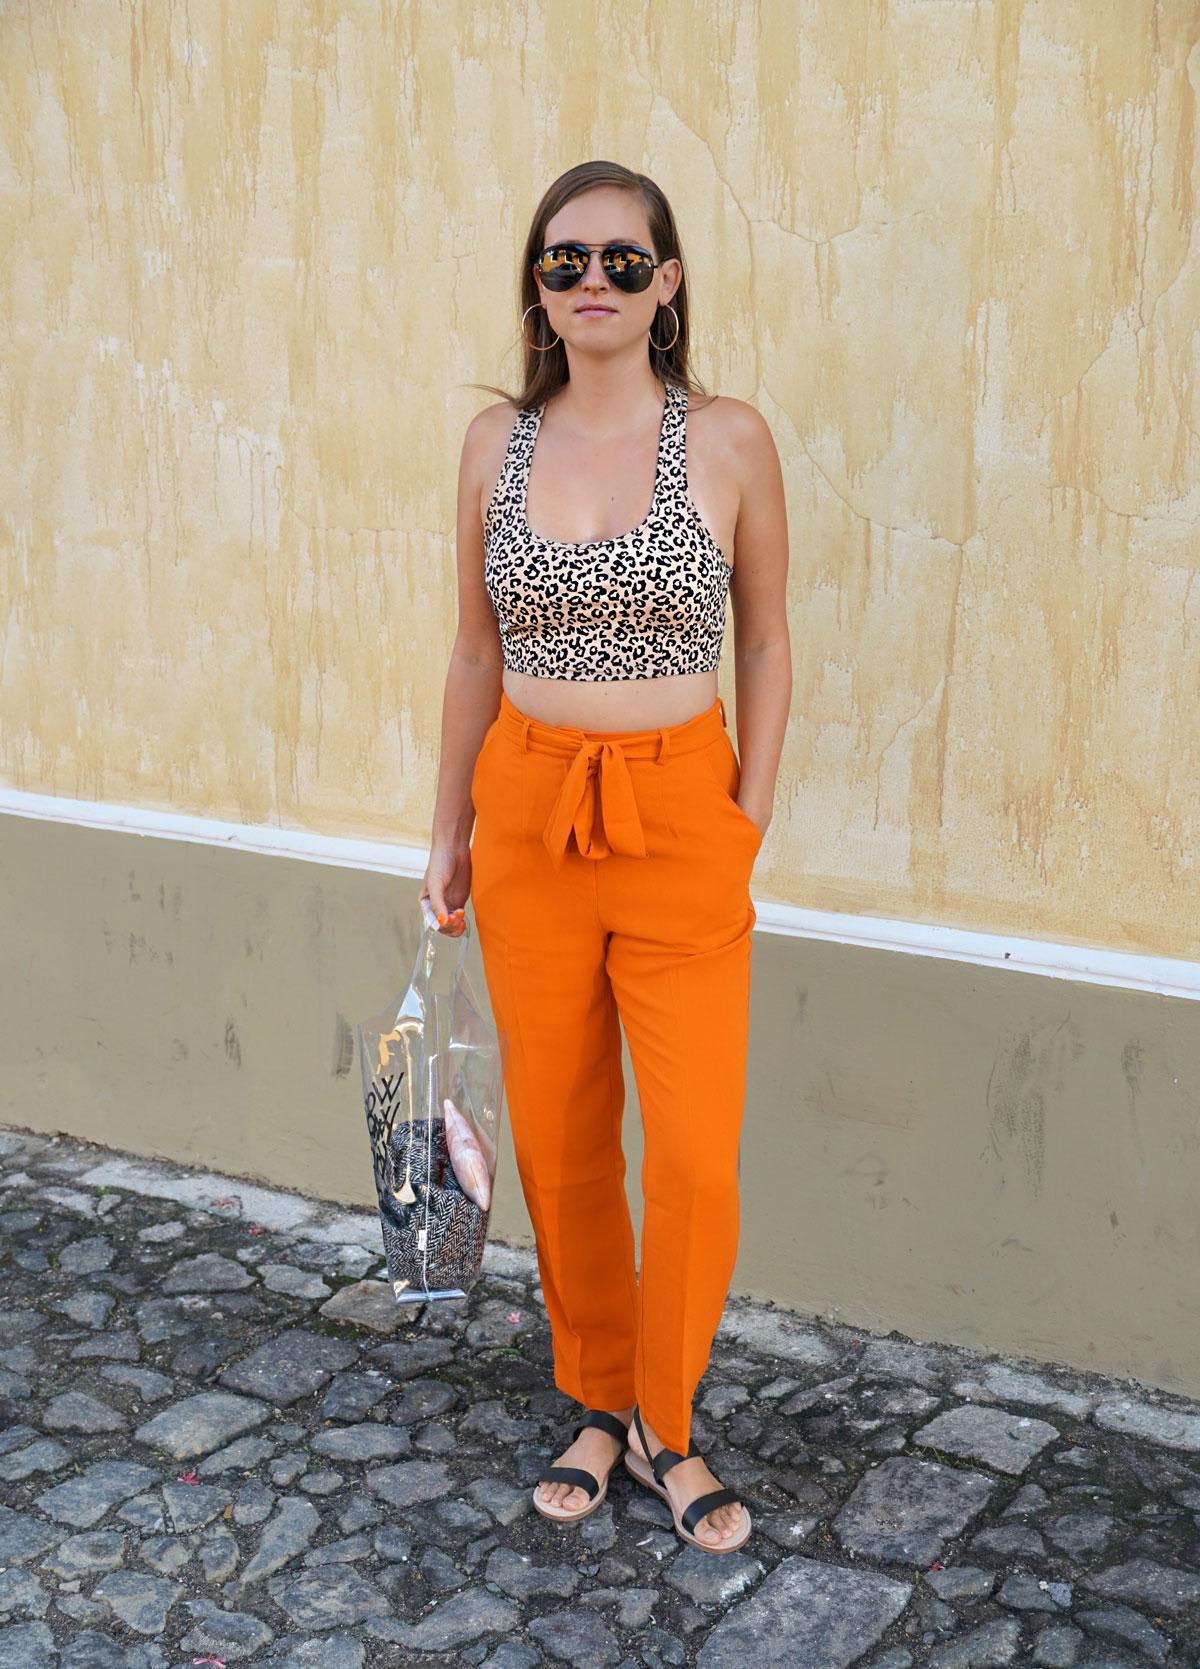 Andrea Steiner vom Mode Blog Strawberries 'n' Champagne aus der Schweiz trägt orange Hosen mit einem kurzen Top im Leopardenmuster mit einer transparenten Tasche und Sandalen.